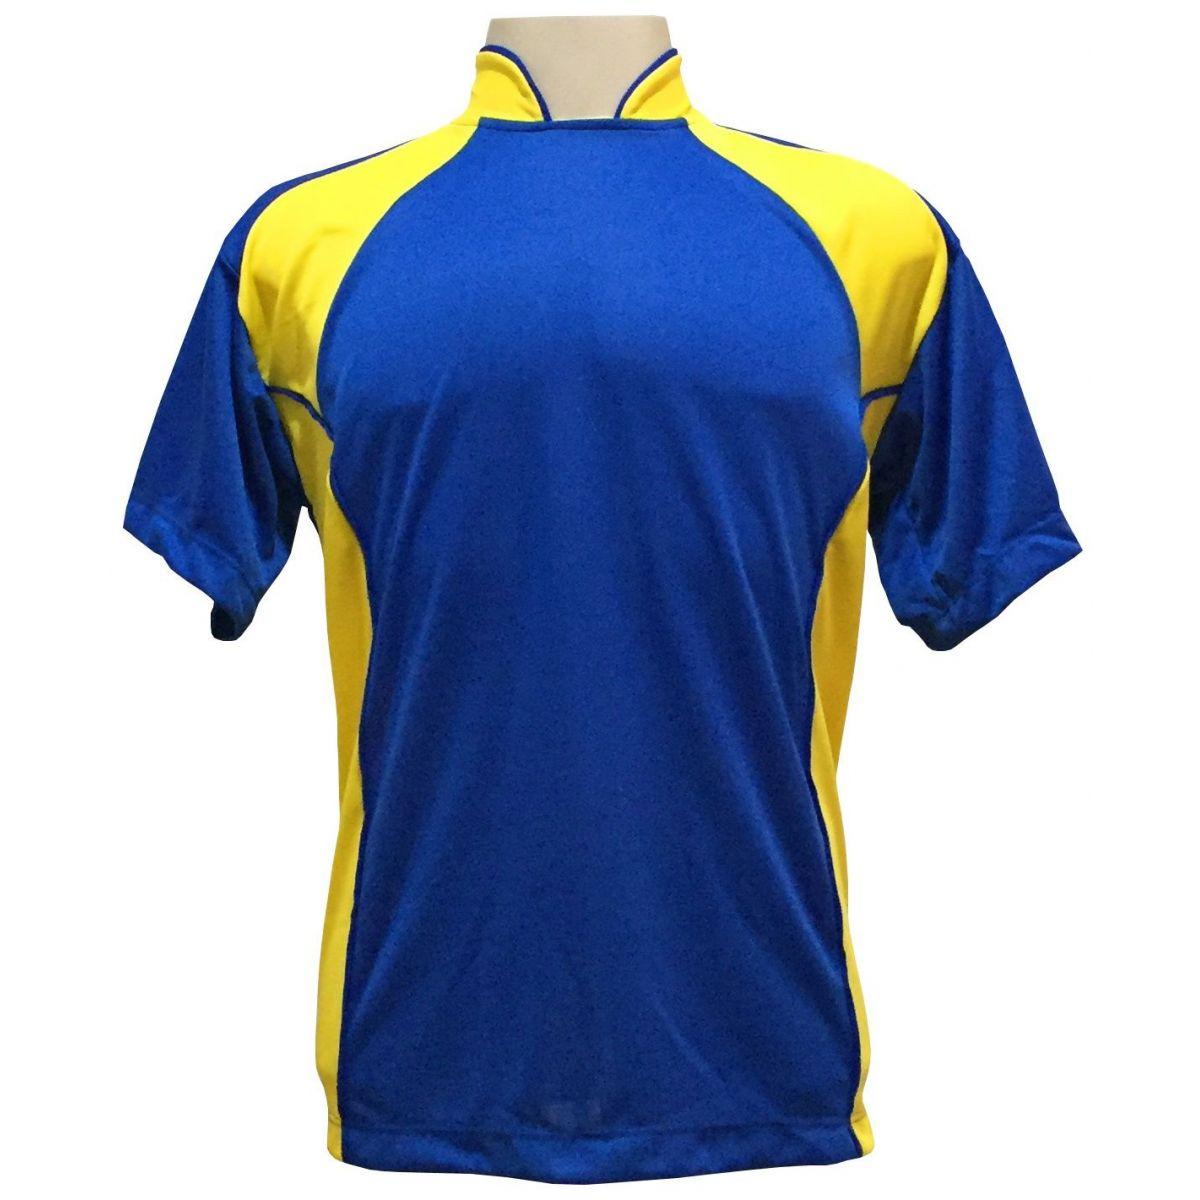 Uniforme Esportivo com 14 camisas modelo Suécia Royal/Amarelo + 14 calções modelo Madrid Royal + Brindes